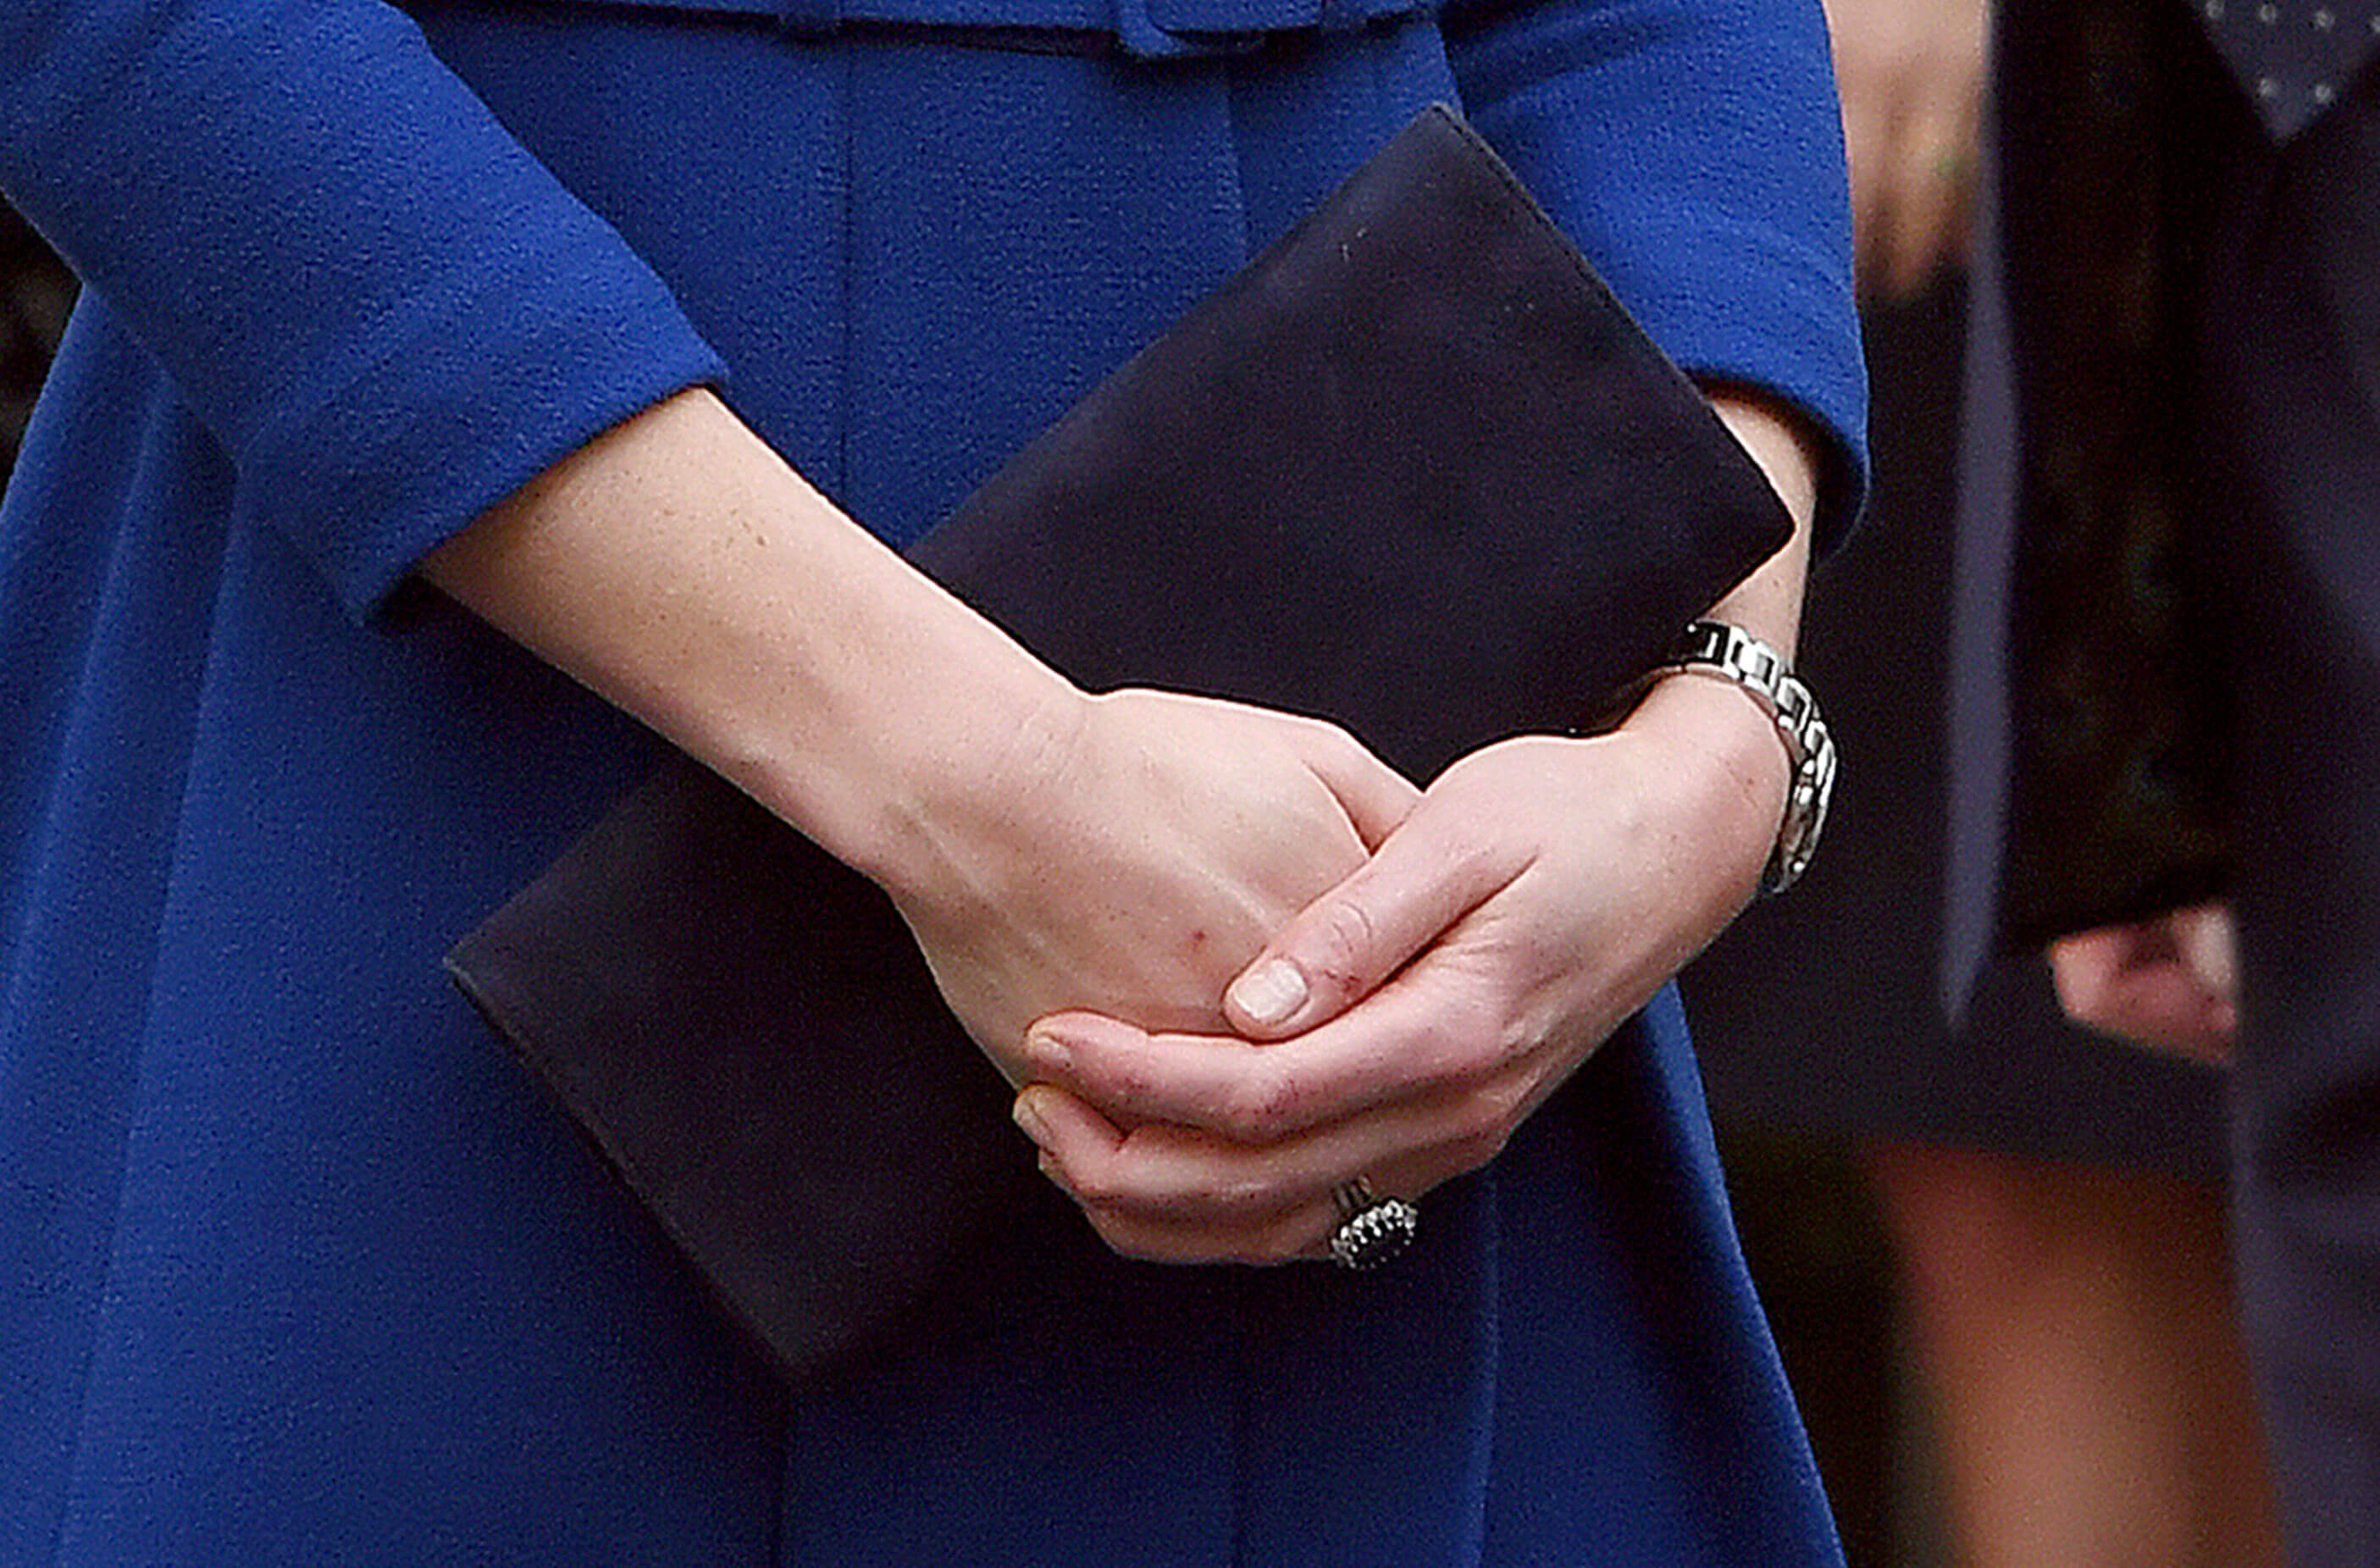 Герцогиня Кембриджская в пальто британского бренда Eponine